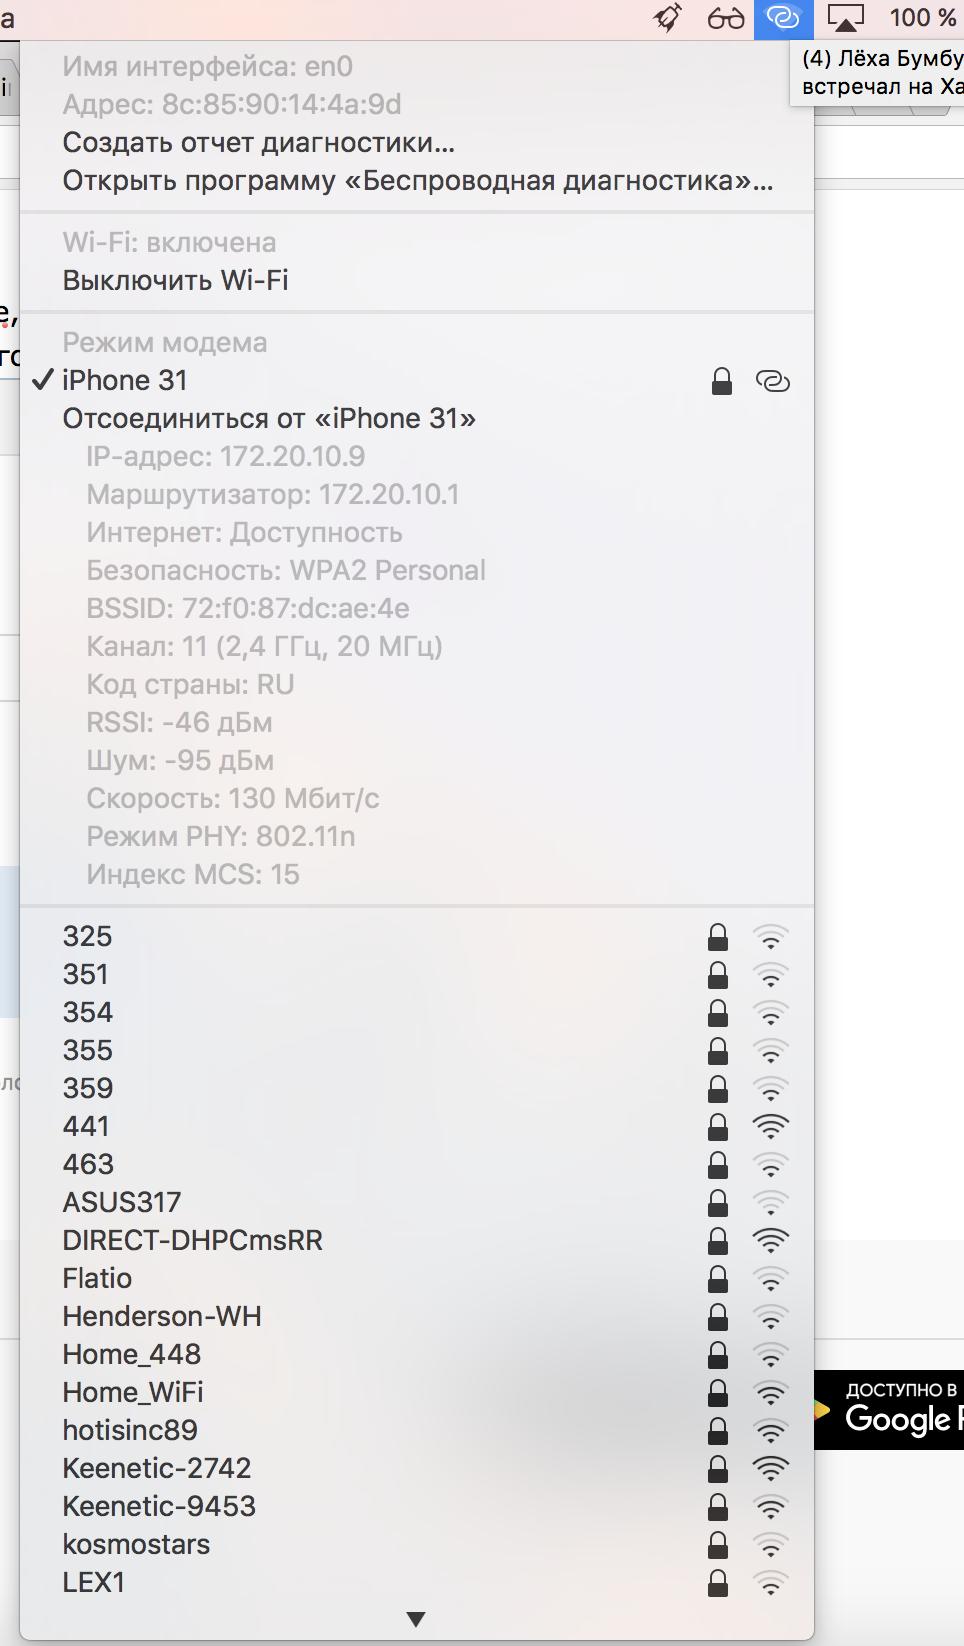 e3ed87589ec9 Зажимаем Alt и кликаем по логотипу Wi-Fi в верхней панели. Вообще Alt и  клик всегда открывает дополнительные опции в MacOS, но это тема отдельного  топика.